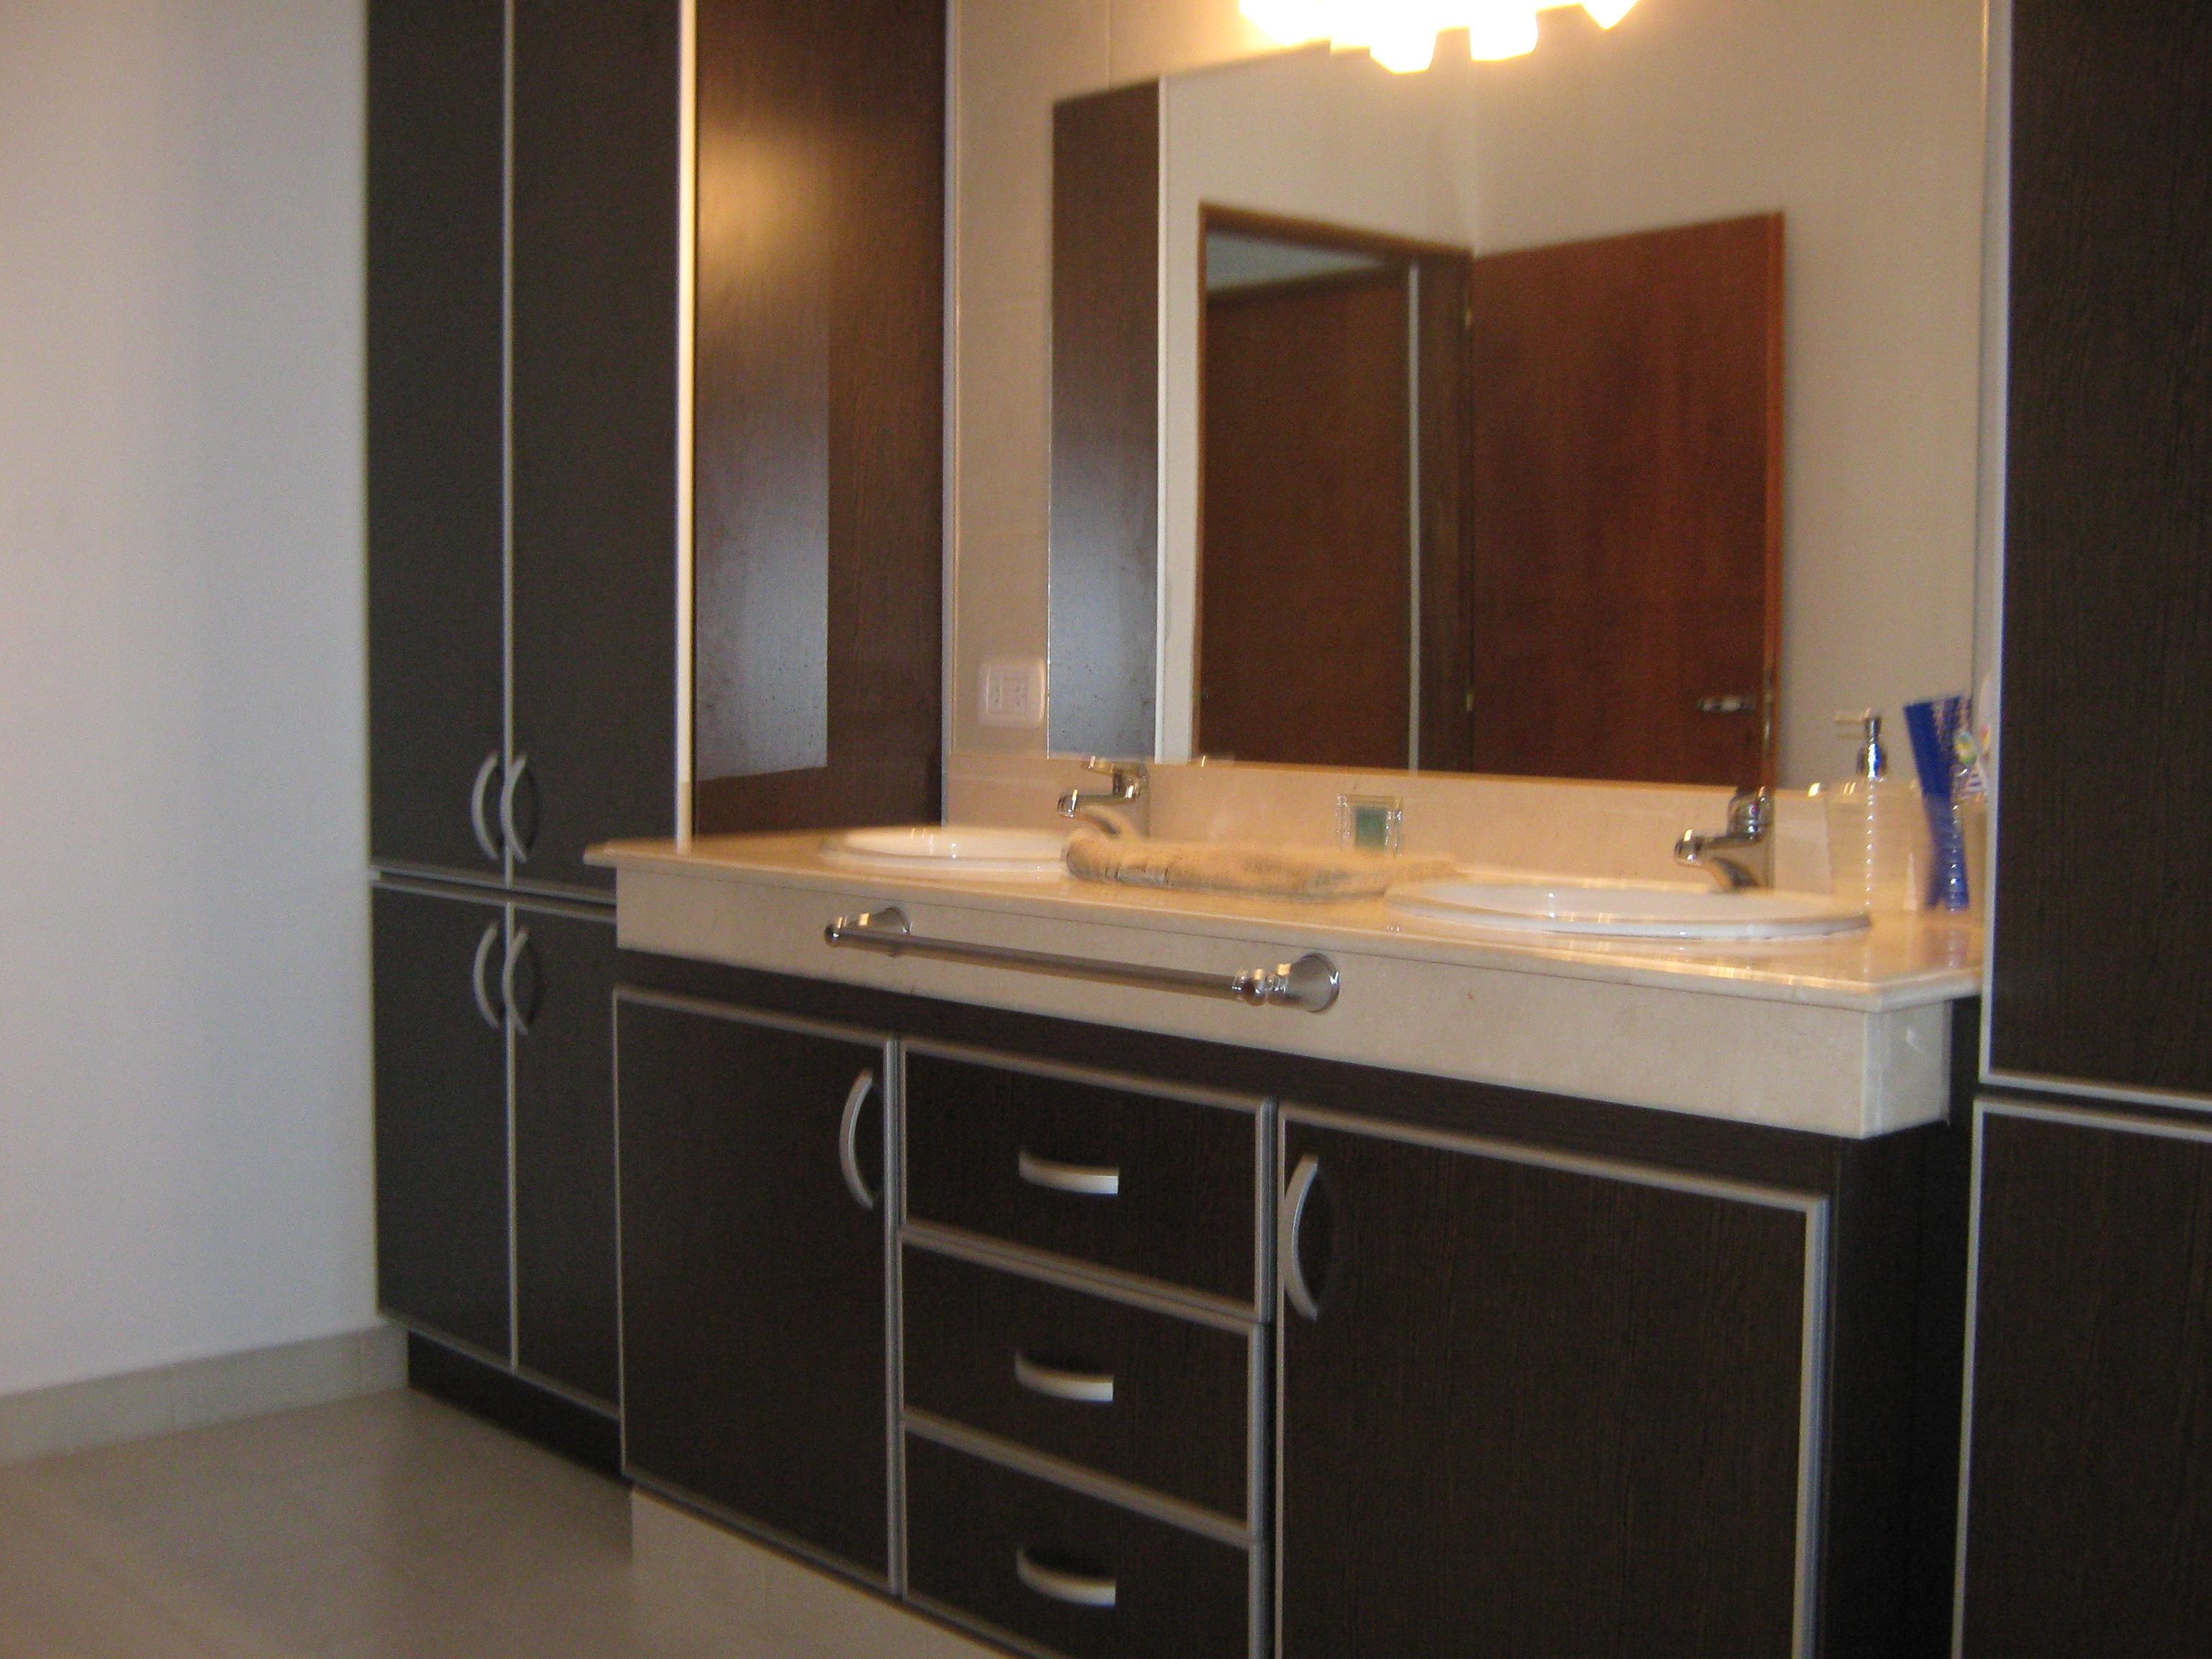 Mueble para ba o 9 alumil - Puertas para muebles de bano ...